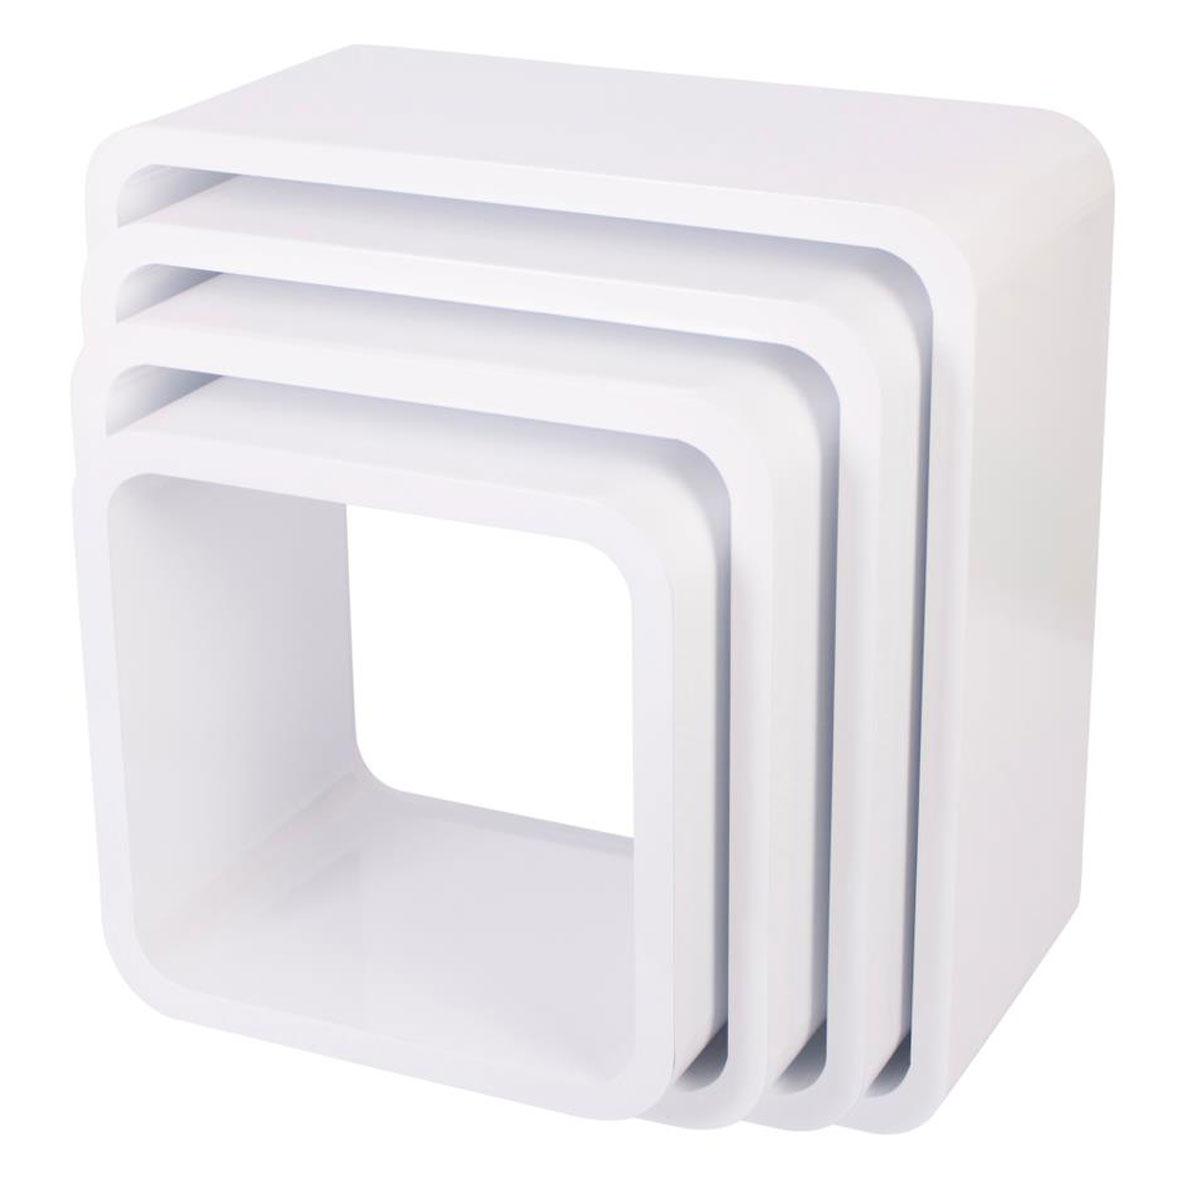 Full Size of Cube Regal Weiß Hochglanz Regale Für Dachschräge Bett 140x200 Paternoster Metall Landhausstil Wandregal Küche Kinderzimmer Günstig Mit Rollen Bad Kleine Wohnzimmer Cube Regal Weiß Hochglanz